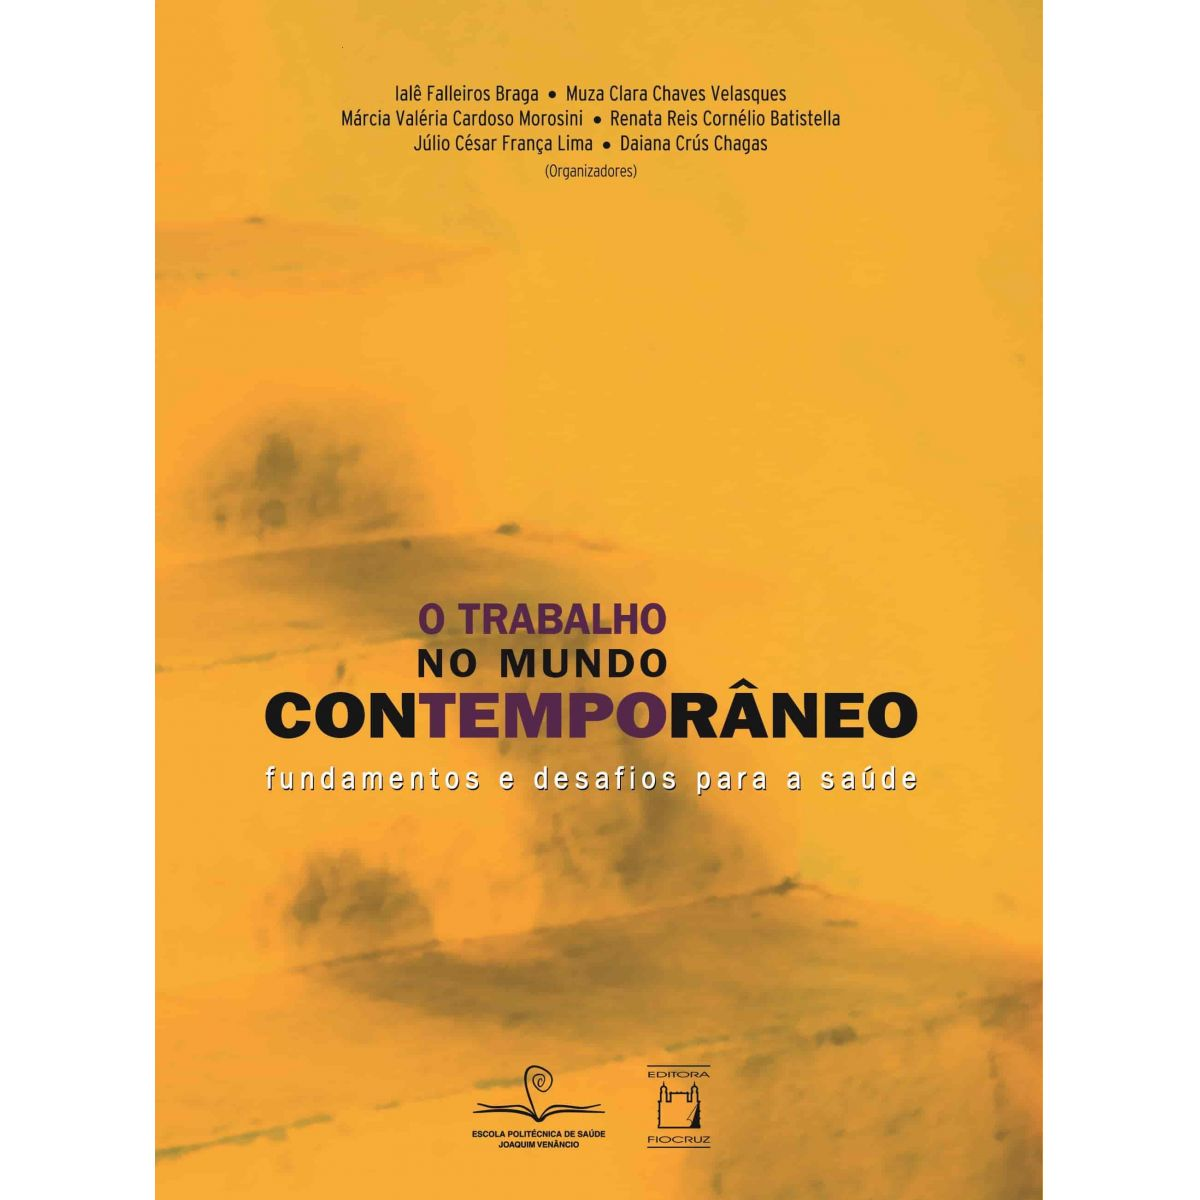 Trabalho no Mundo Contemporâneo: fundamentos e desafios para a saúde, O  - Livraria Virtual da Editora Fiocruz